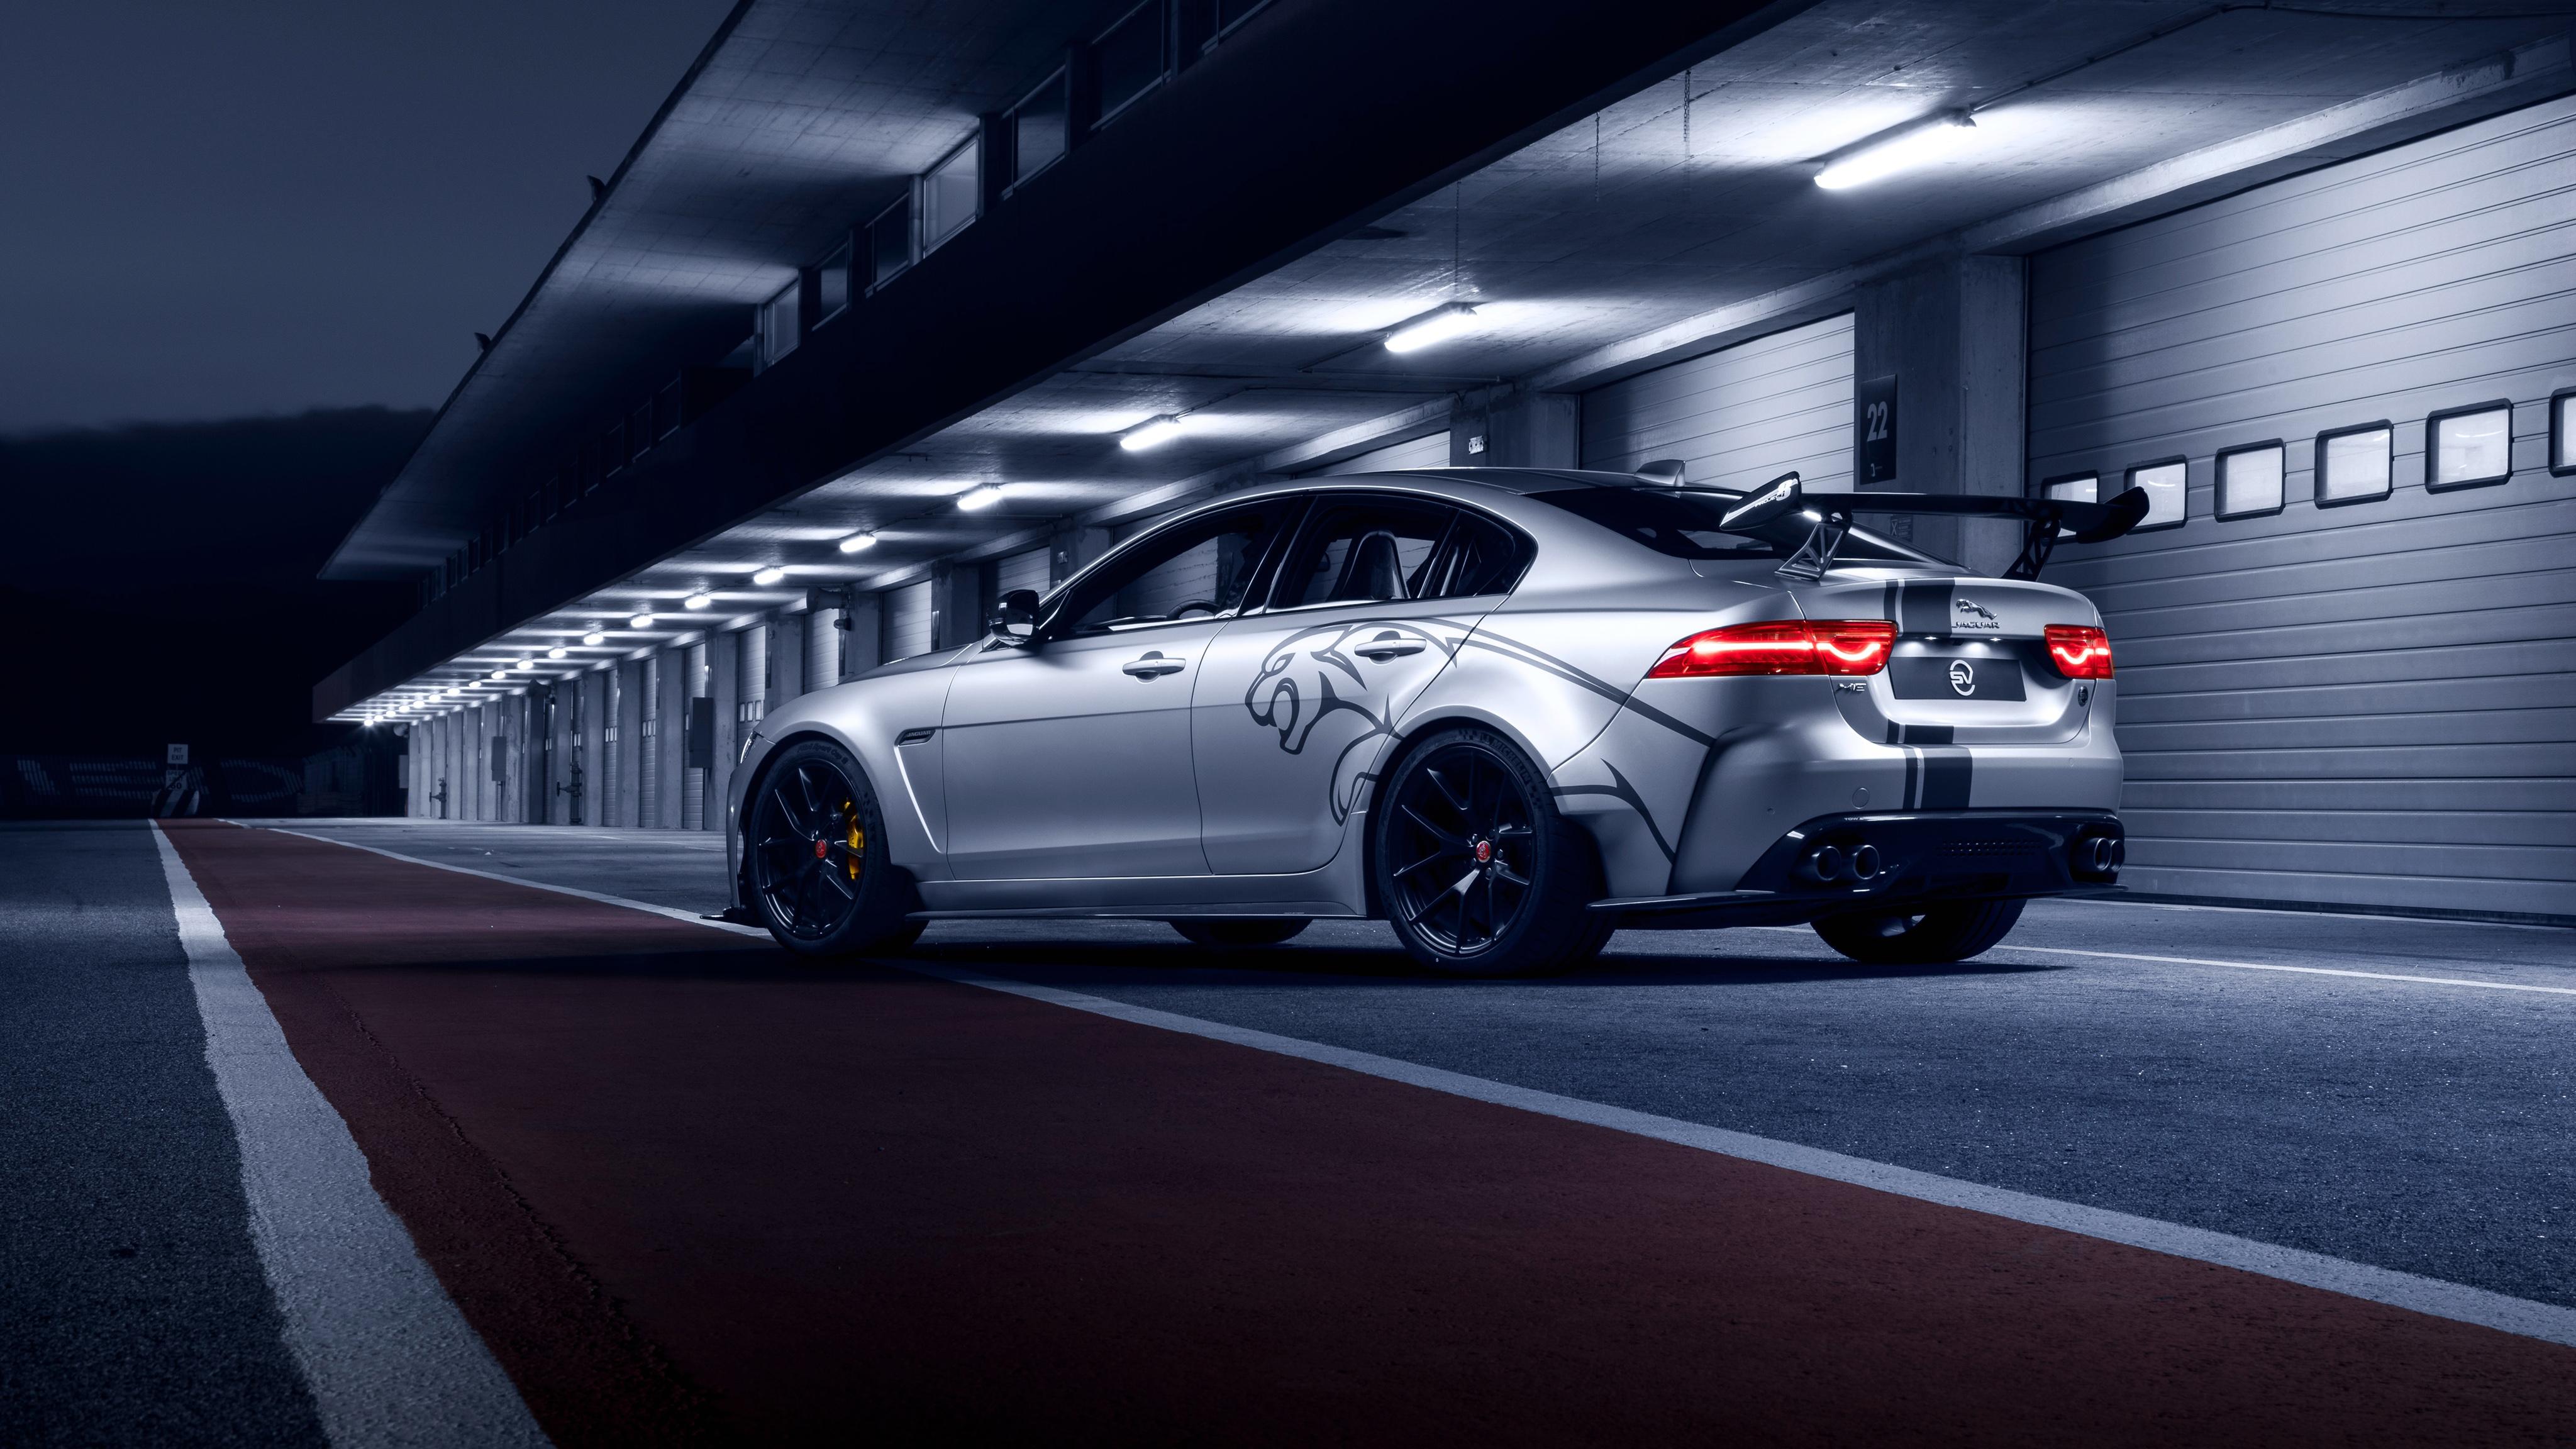 Jaguar xe sv project 8 2018 4k 5 wallpaper hd car - Project cars 4k wallpaper ...